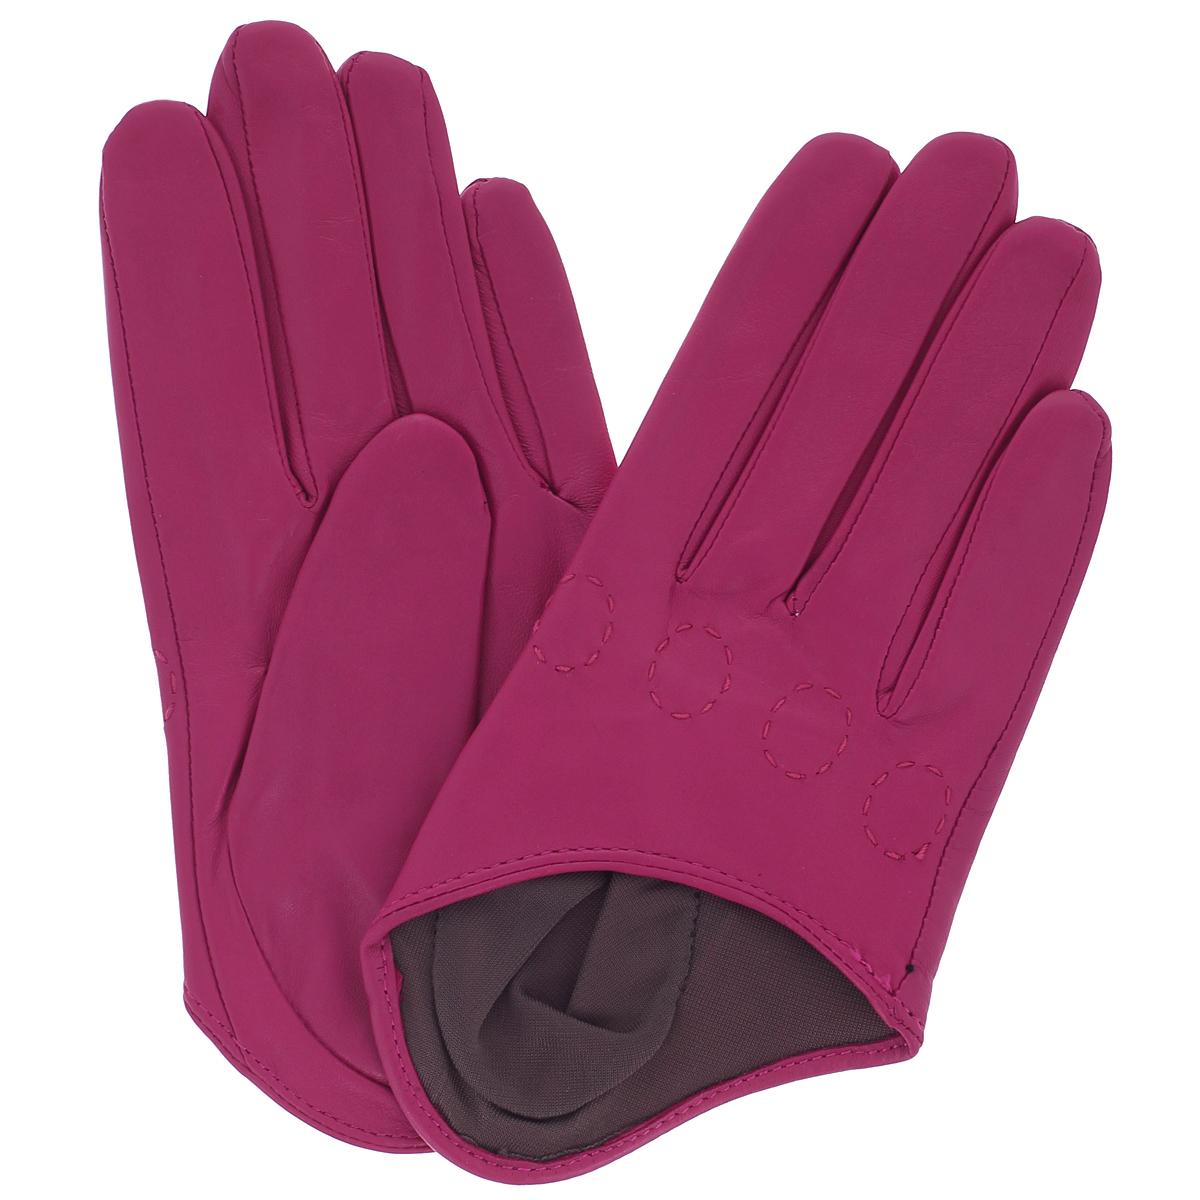 Перчатки женские Michel Katana, цвет: фуксия. K81-IF1. Размер 7,5K81-IF1/FUCHСтильные перчатки Michel Katana с шелковой подкладкой выполнены из мягкой и приятной на ощупь натуральной кожи ягненка. Перчатки станут достойным элементом вашего стиля и сохранят тепло ваших рук. Это не просто модный аксессуар, но и уникальный авторский стиль, наполненный духом севера Франции.